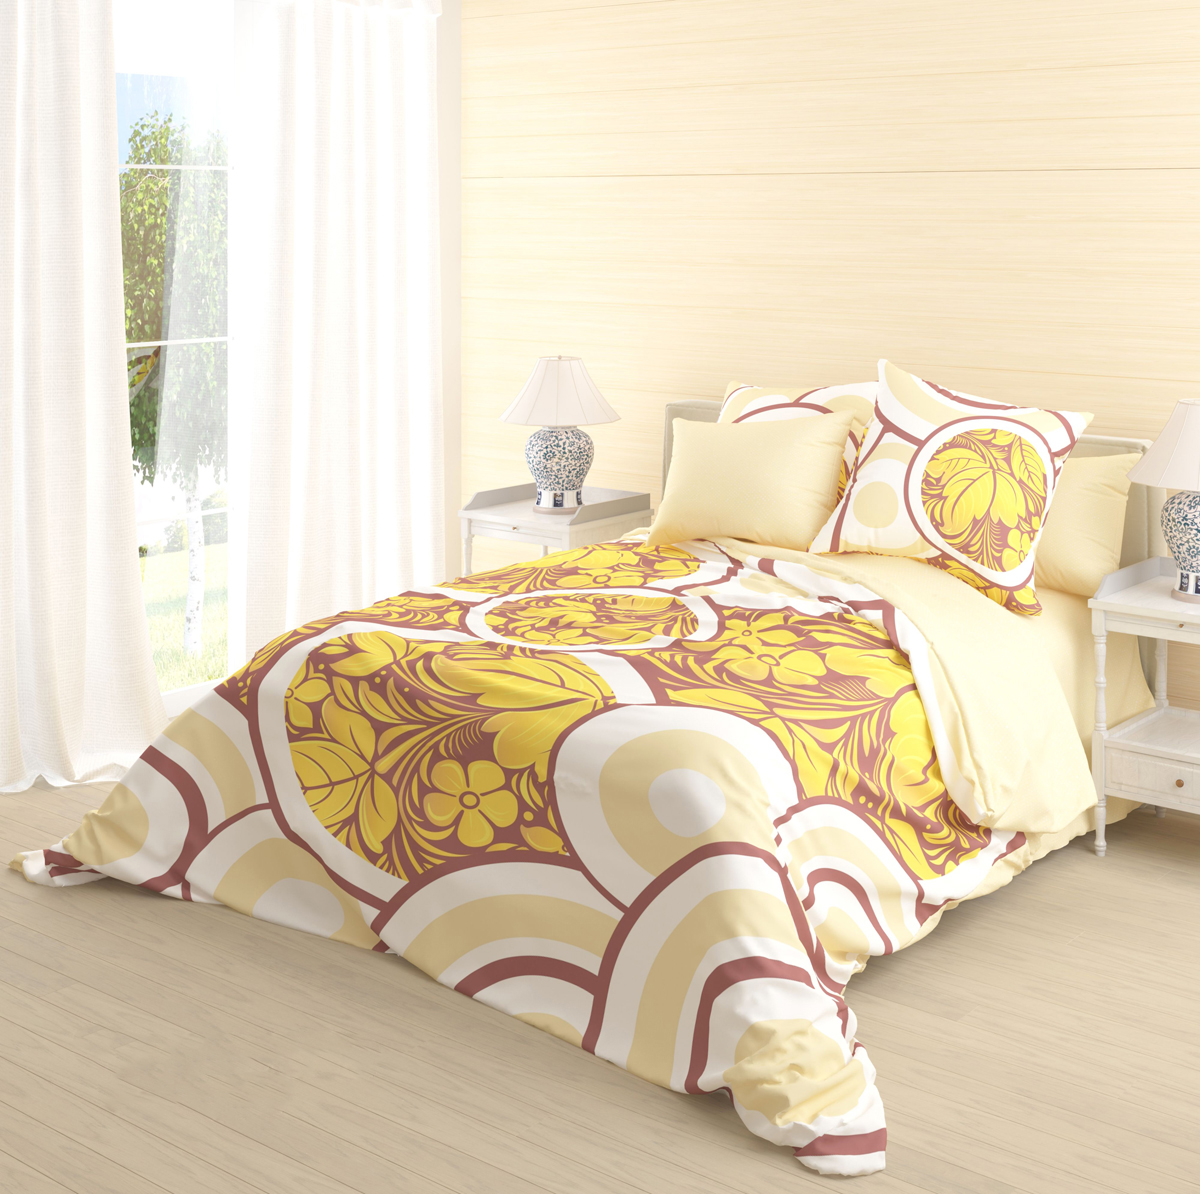 Комплект белья Волшебная ночь Kupava, 2-спальный, наволочки 50х70 см718611Роскошный комплект постельного белья Волшебная ночь Kupava выполнен из натурального ранфорса (100% хлопка) и оформлен оригинальным рисунком. Комплект состоит из пододеяльника, простыни и двух наволочек.Ранфорс - это новая современная гипоаллергенная ткань из натуральных хлопковых волокон, которая прекрасно впитывает влагу, очень проста в уходе, а за счет высокой прочности способна выдерживать большое количество стирок. Высочайшее качество материала гарантирует безопасность.